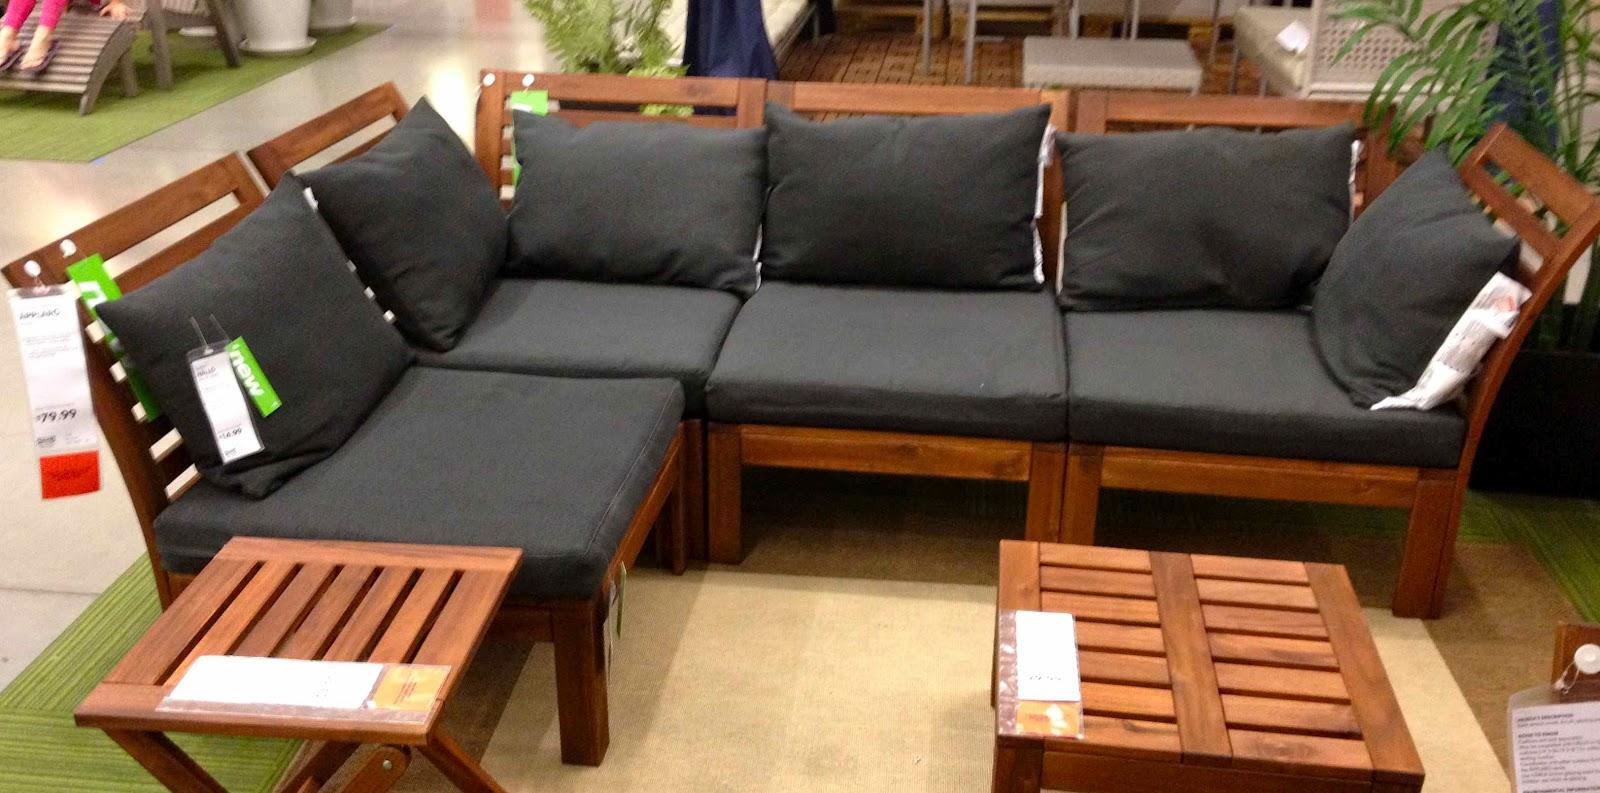 Full Size of Gartenliege Ikea Outdoor Mbel Awesome Furniture Ideas Garden Modulküche Küche Kaufen Kosten Sofa Mit Schlaffunktion Miniküche Betten 160x200 Bei Wohnzimmer Gartenliege Ikea